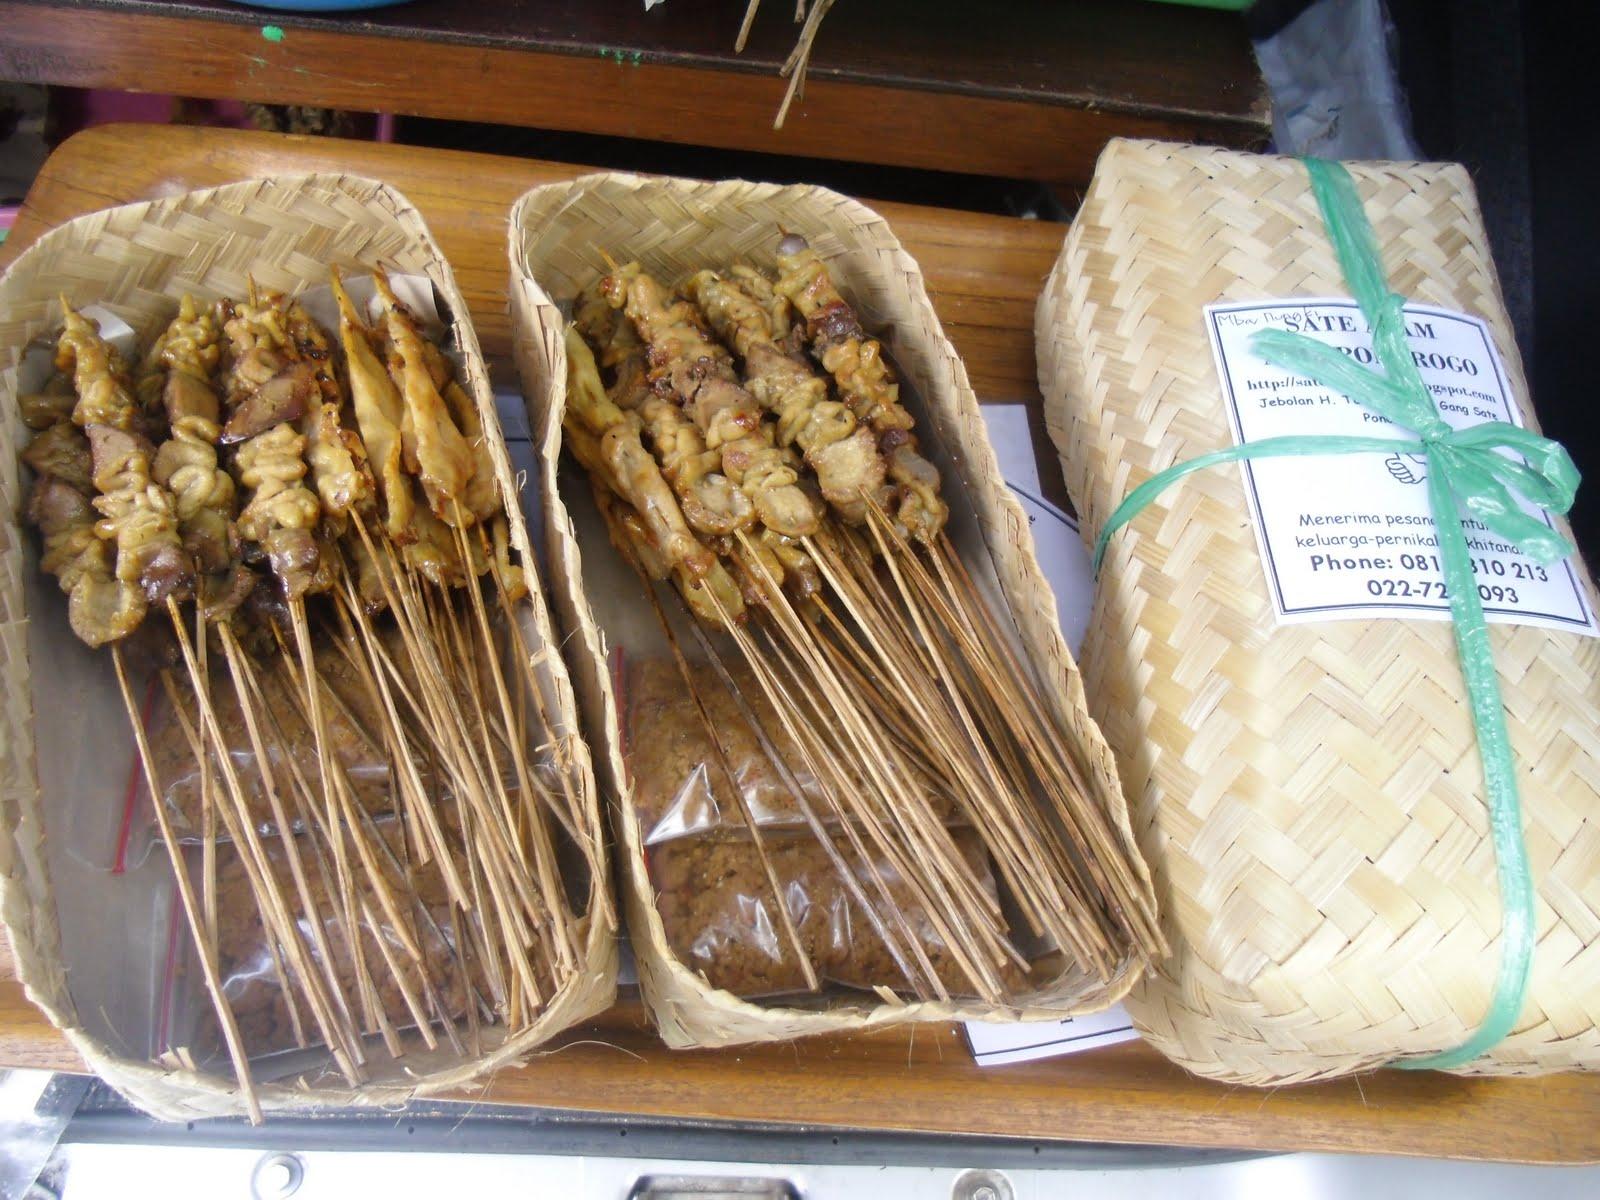 Sate ponorogo yang dibungkus dengan besek. sate-ponorogo.blogspot.com